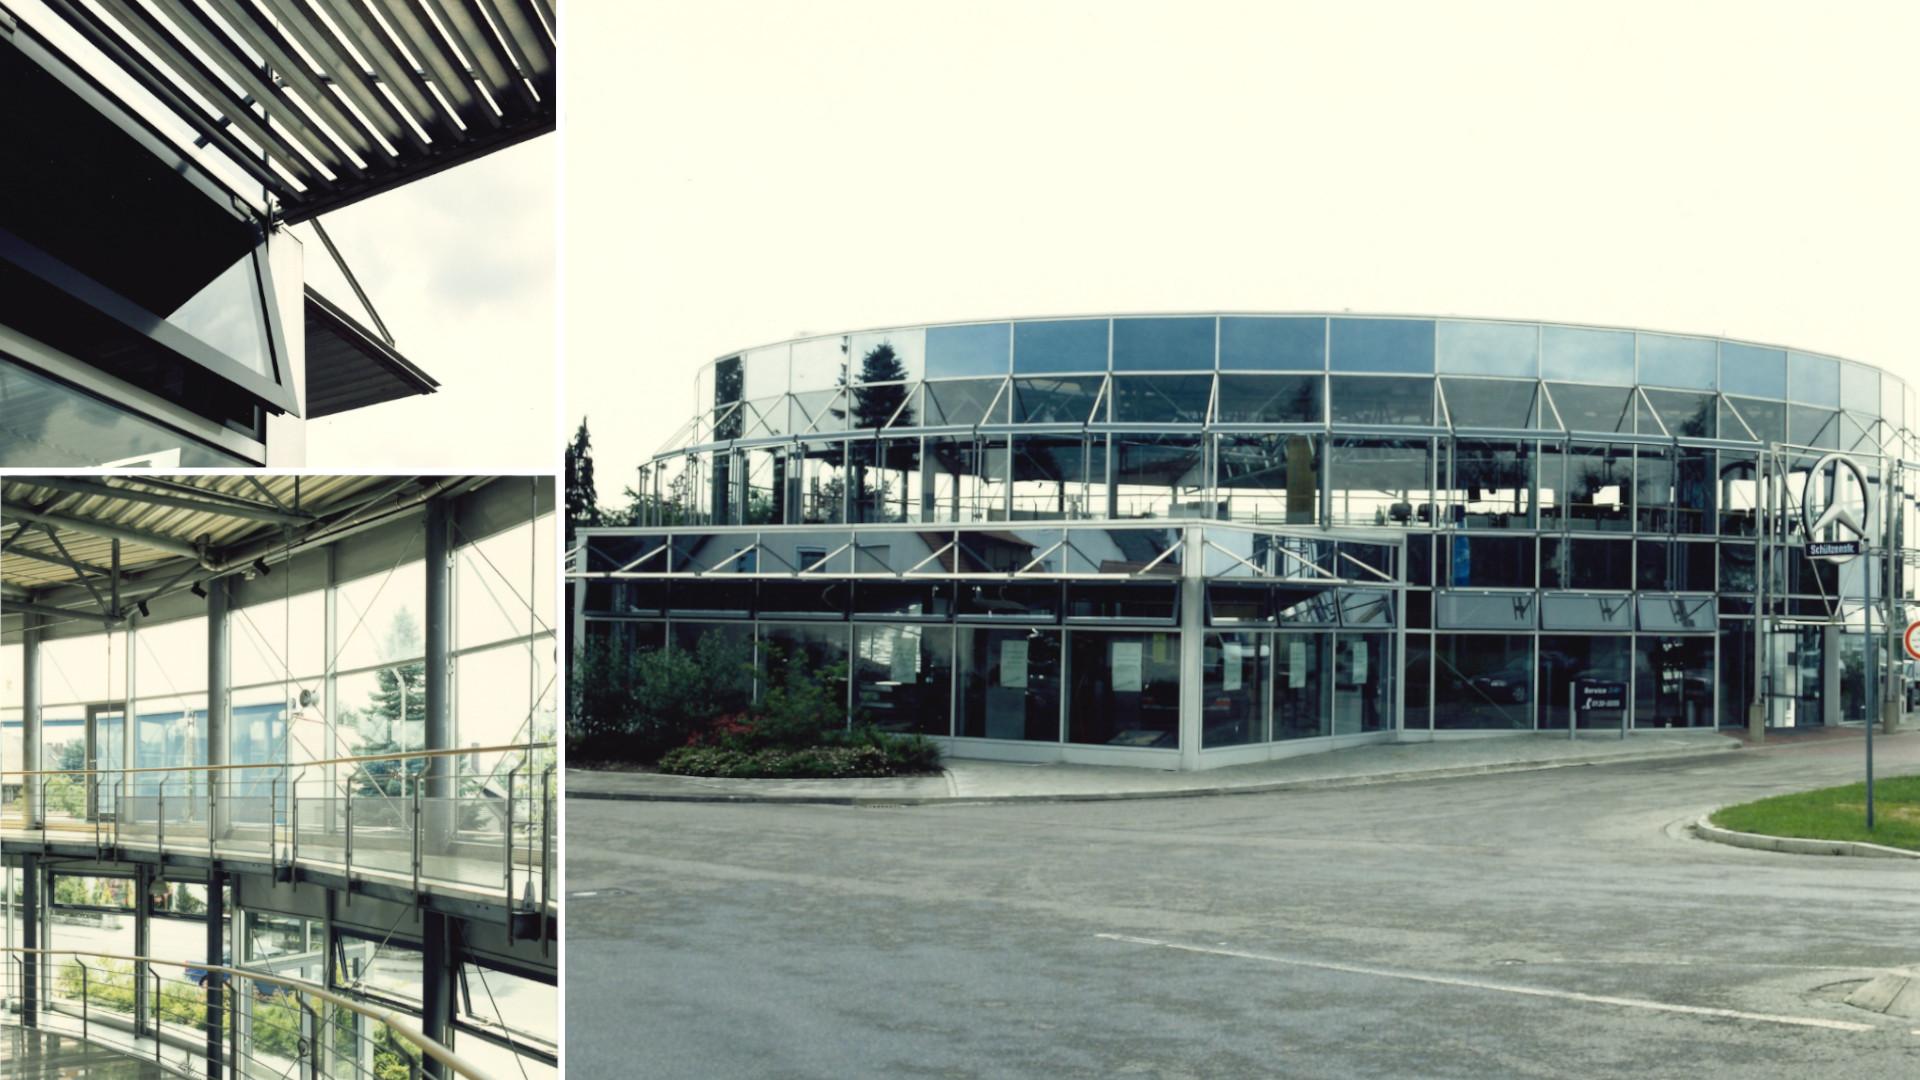 02-autohaus-korn-bm